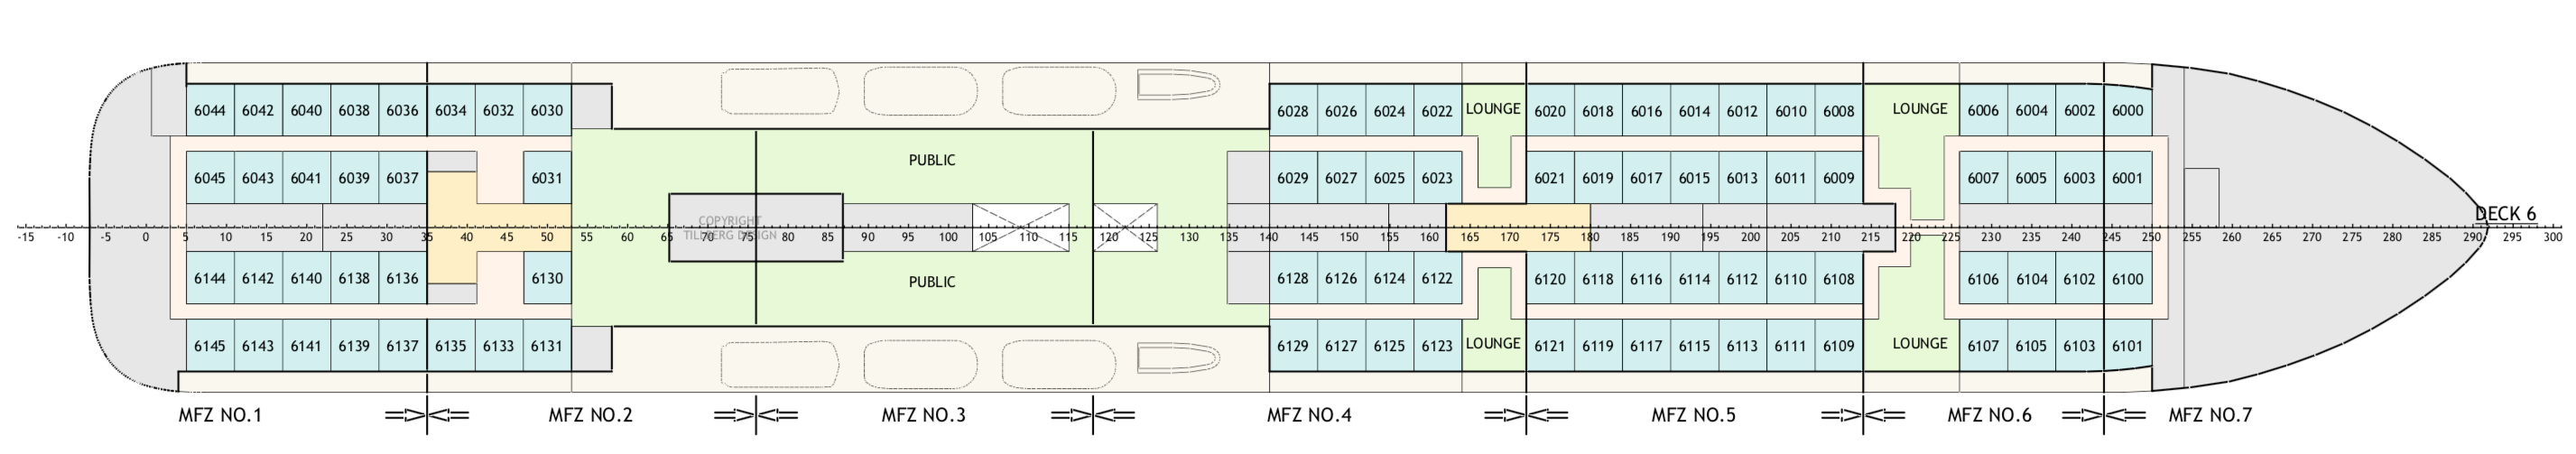 Floor Plan for Deck 6